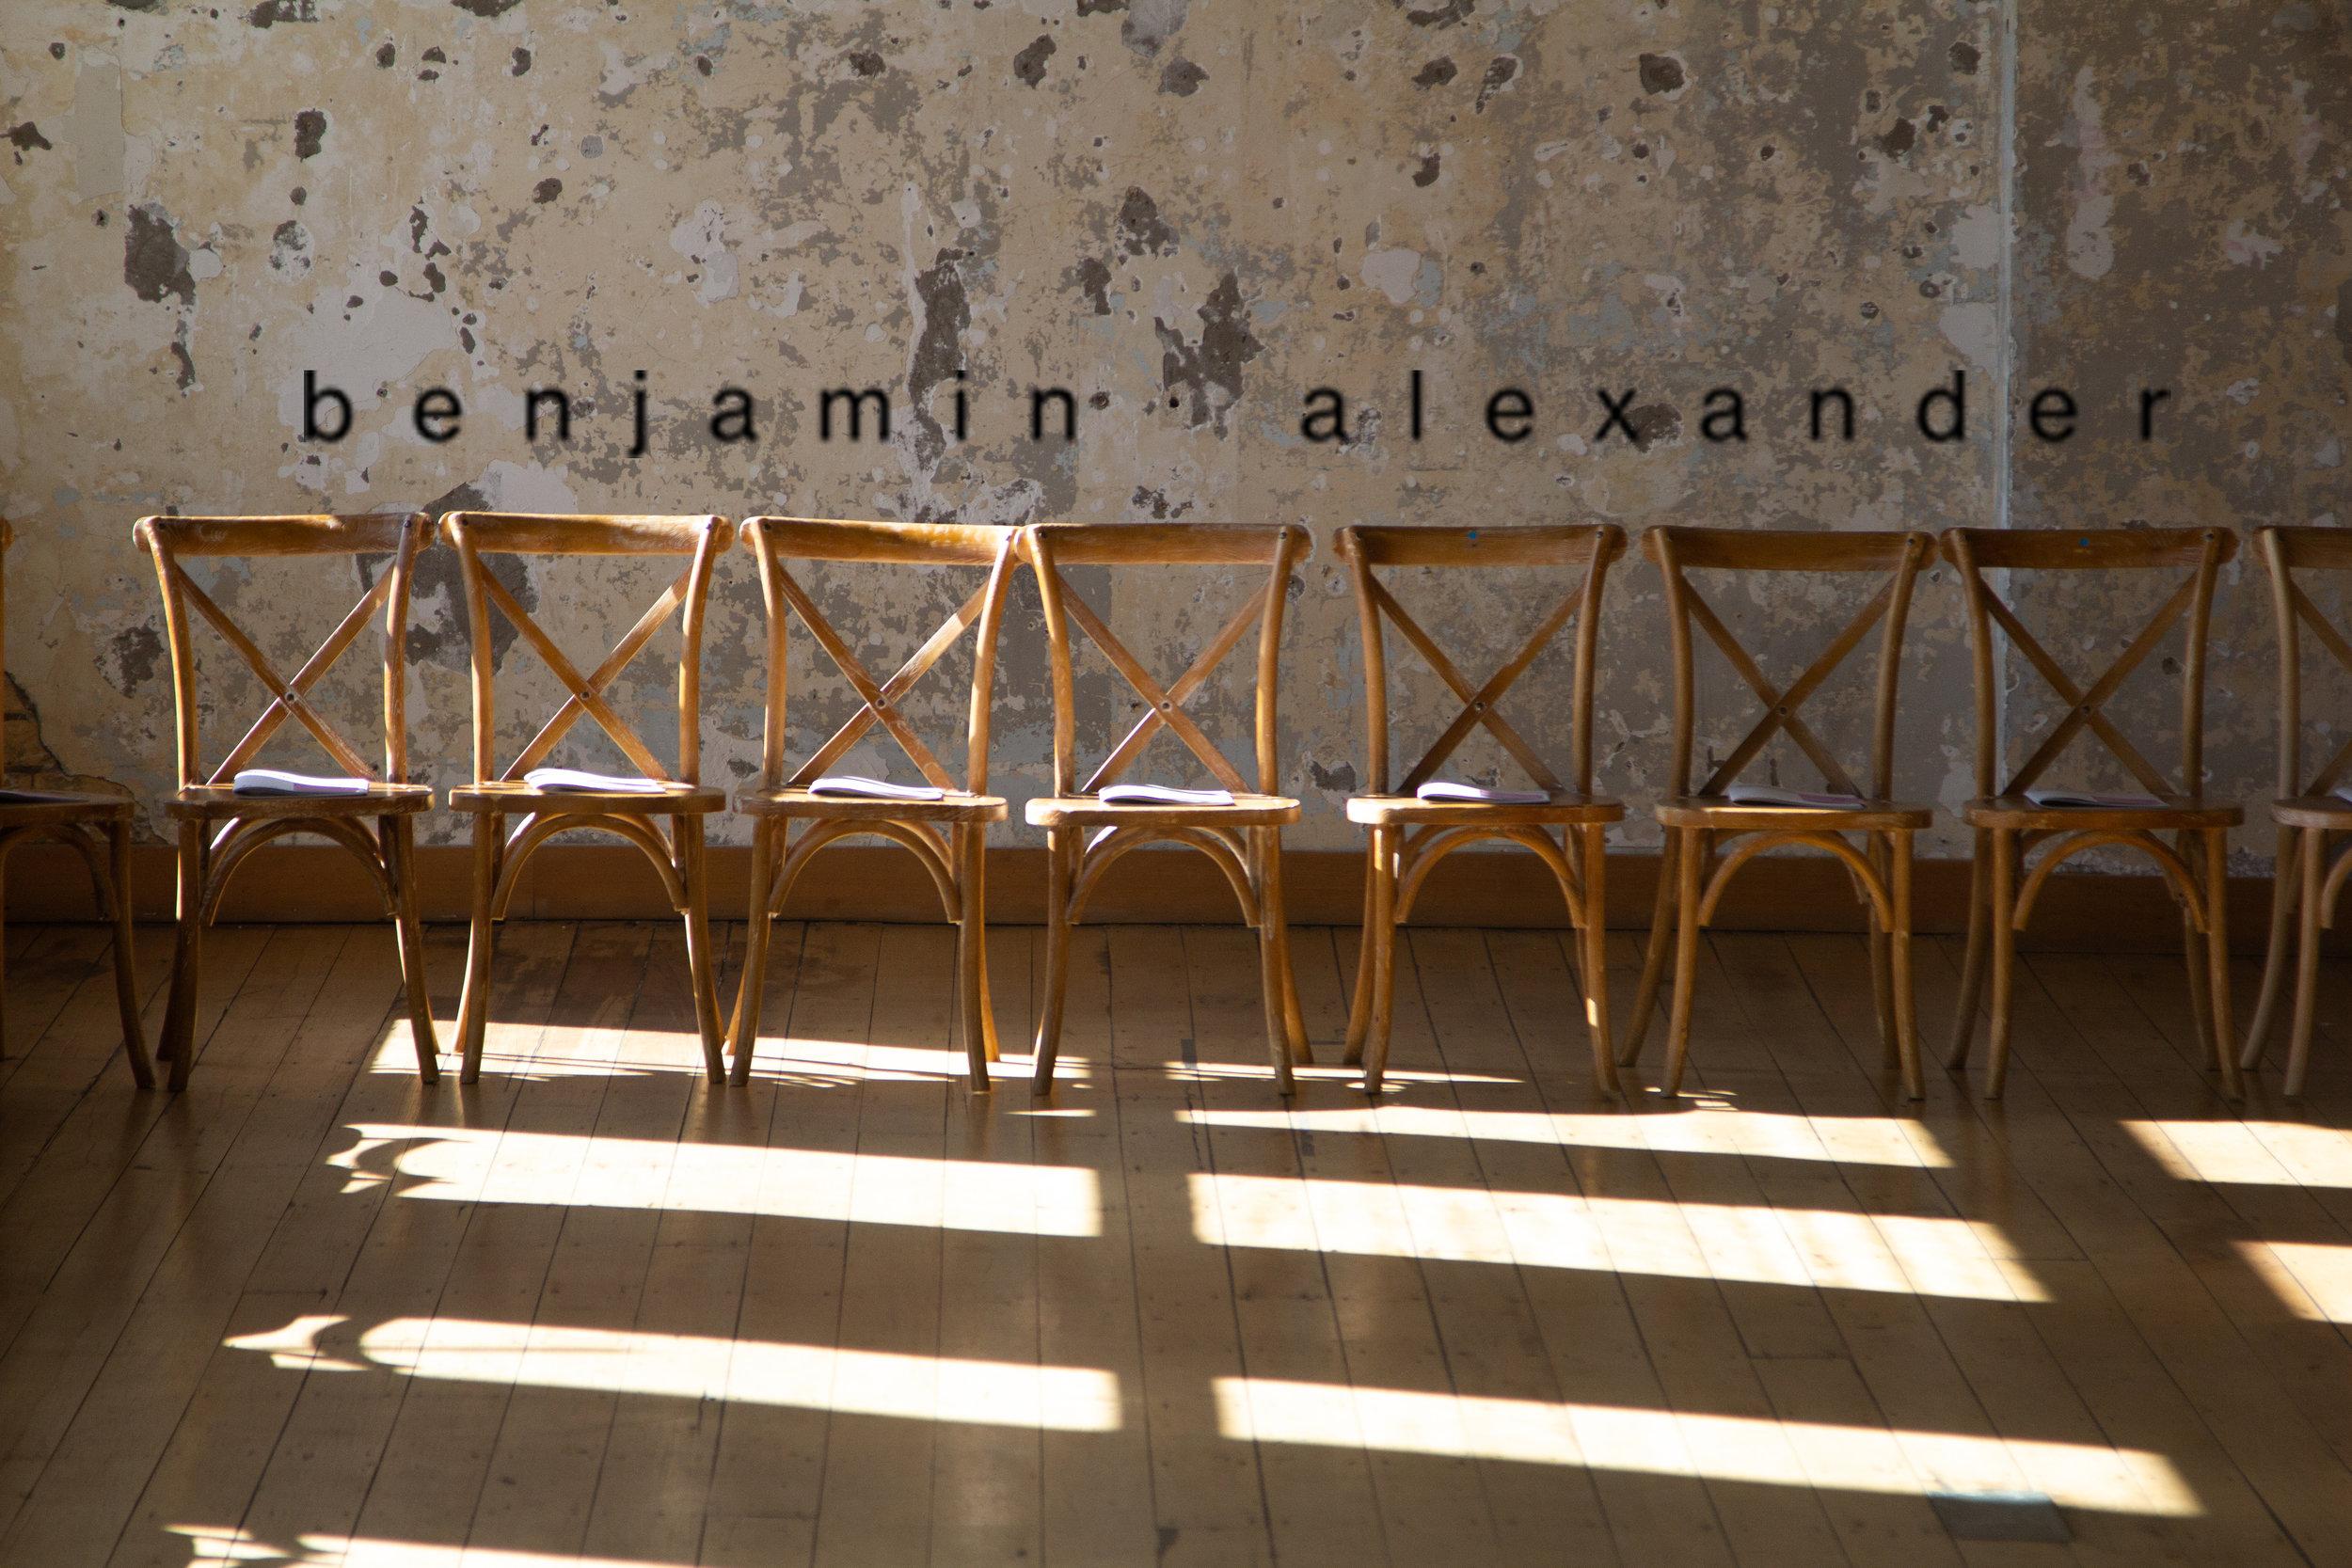 NZFW20-BenjaminAlexander-title.jpg